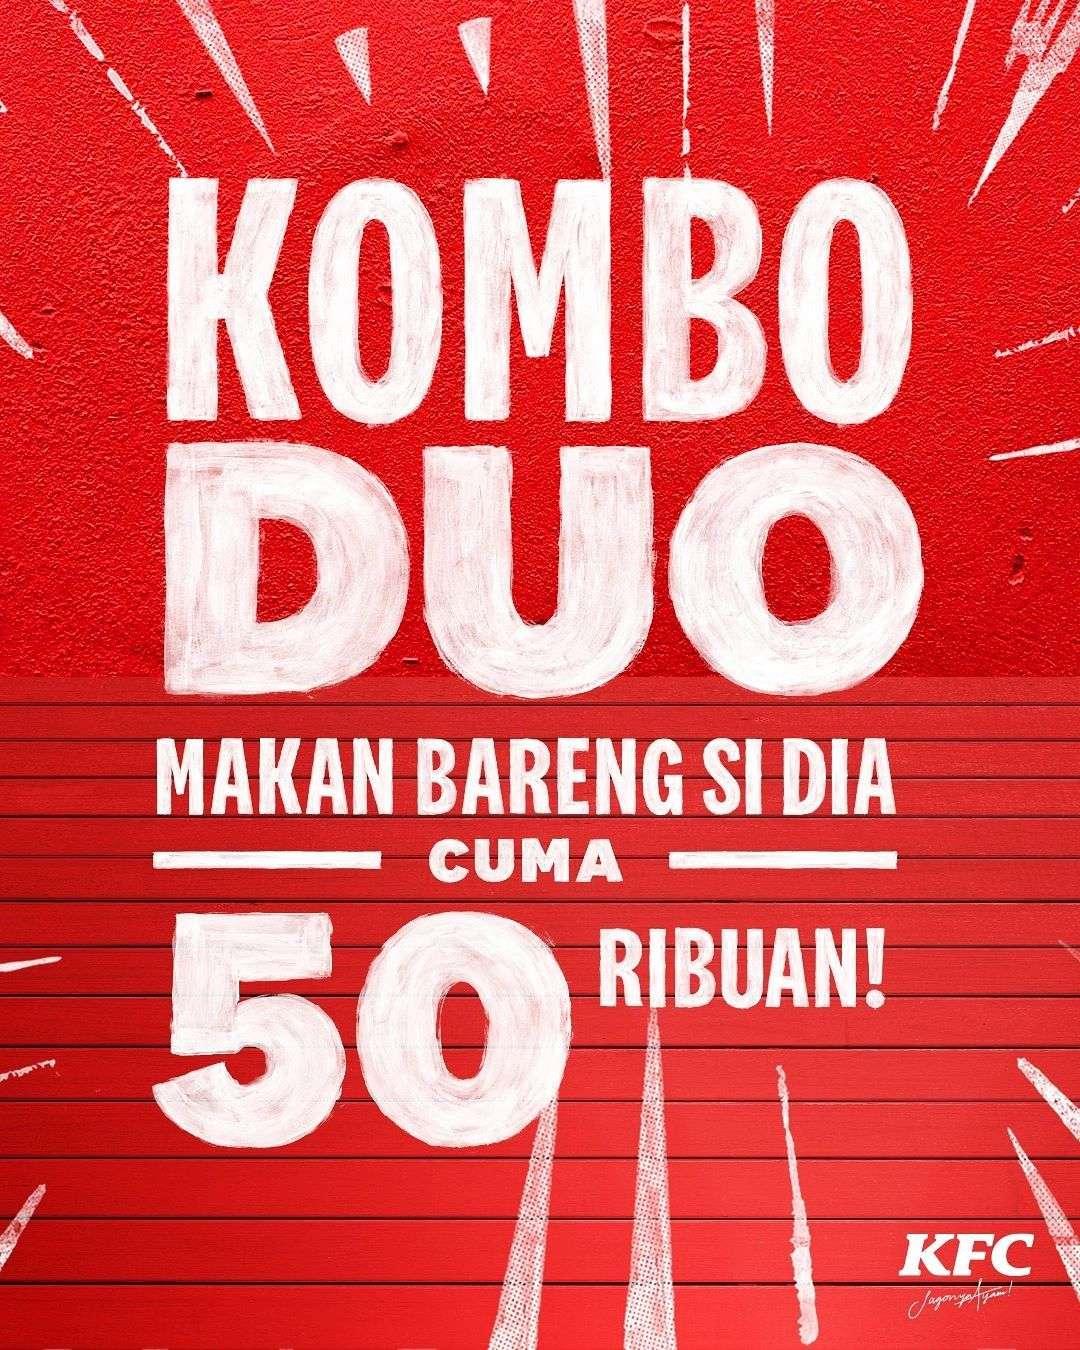 Diskon KFC Promo Kombo Duo Cuma Rp. 50.000